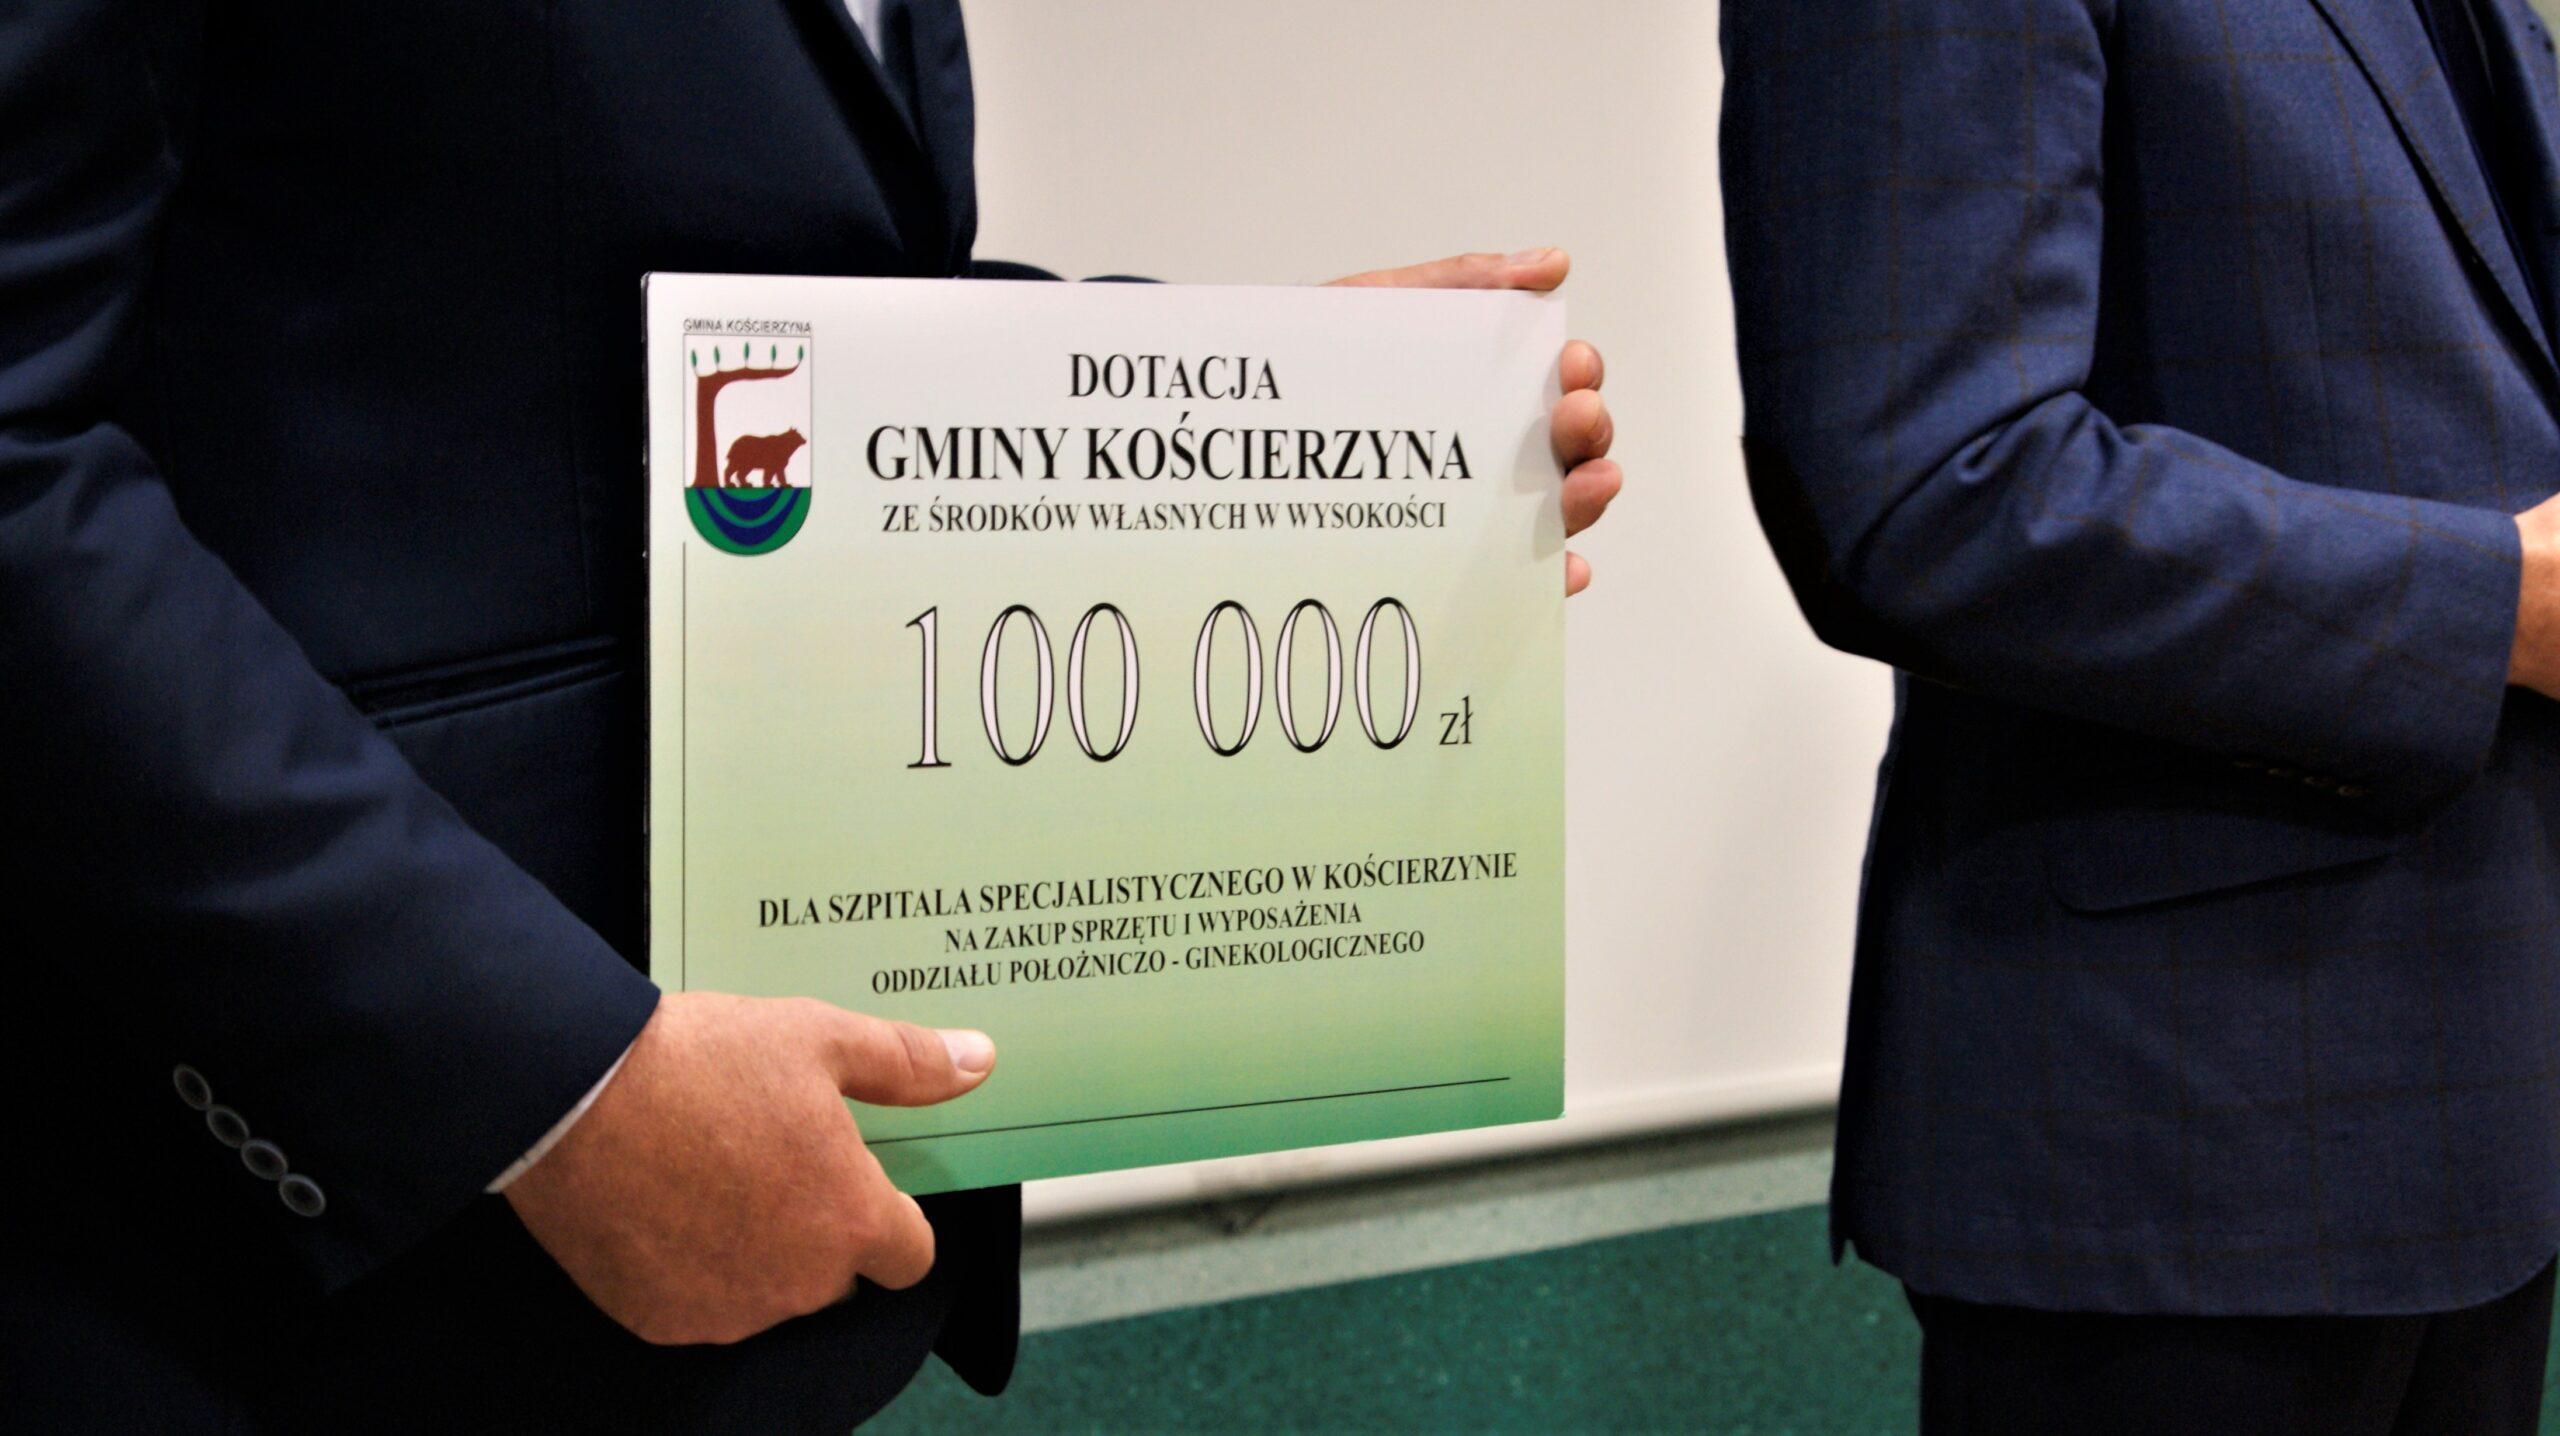 Wsparcie Gminy Kościerzyna dla Szpitala Specjalistycznego w Kościerzynie